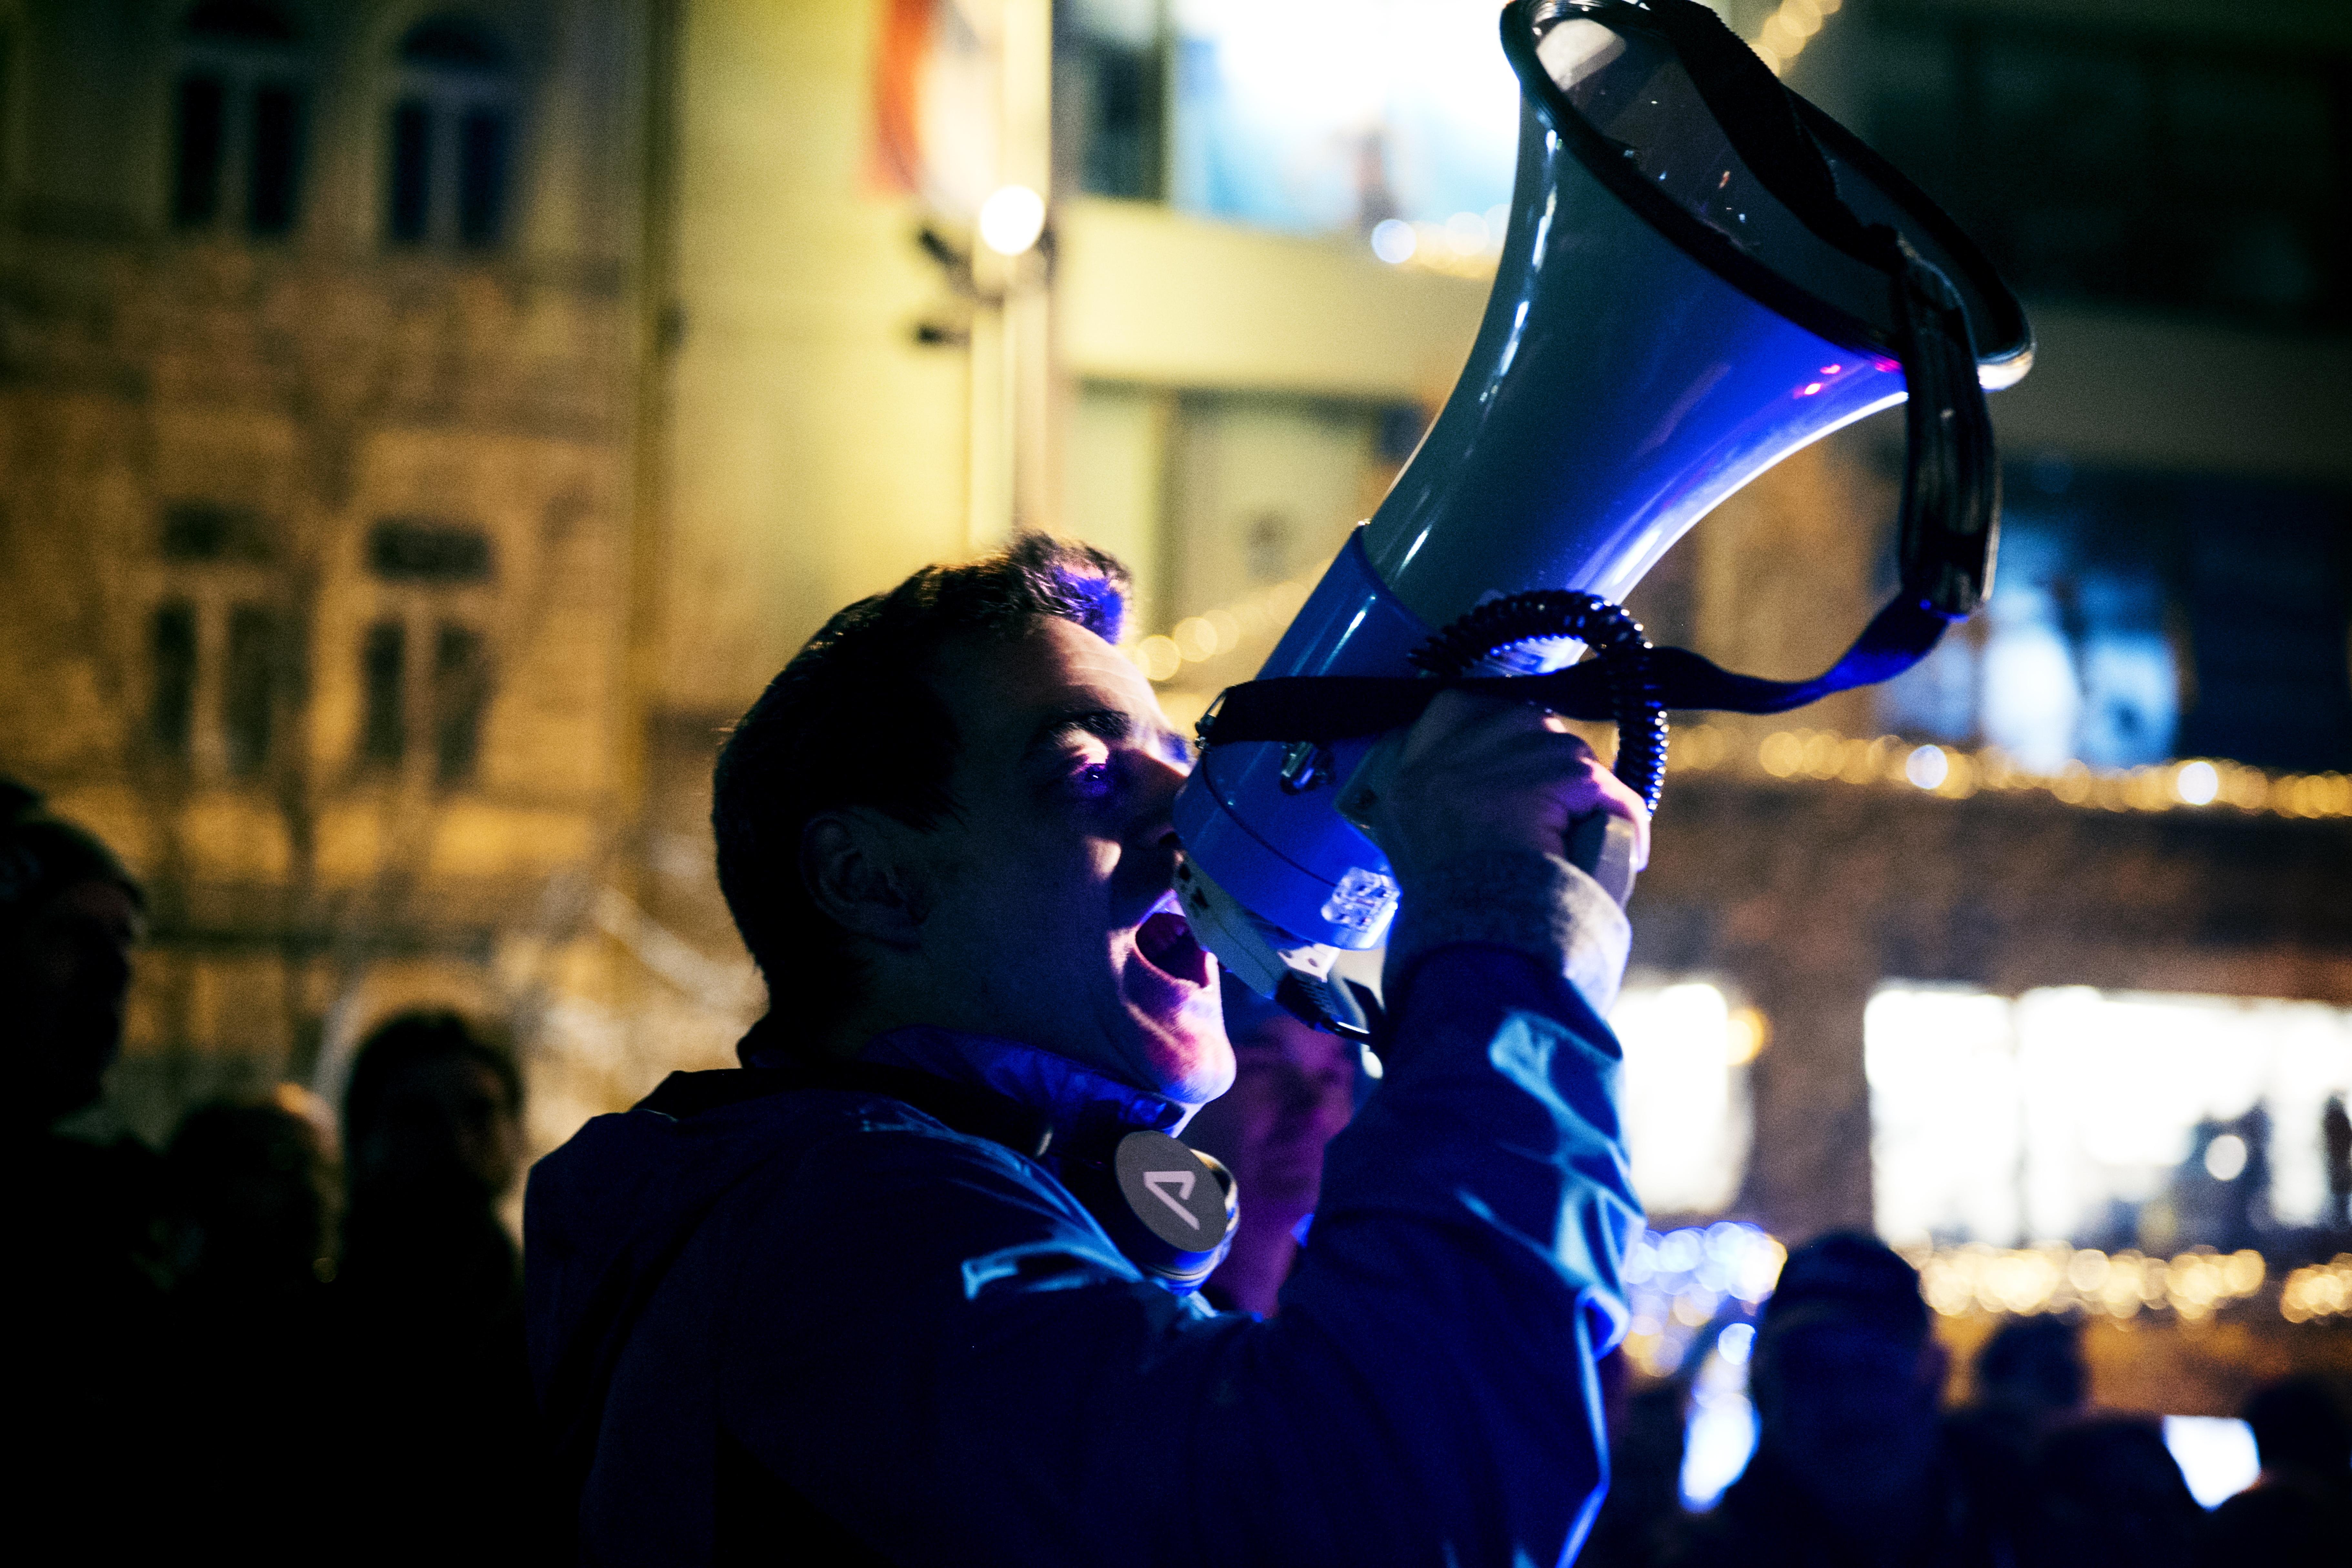 Demonstrace začala v 19.00 a pořádá ji aktivistická skupina AUVA, jež už v minulosti uspořádala několik demonstrací proti předsedovi vlády.